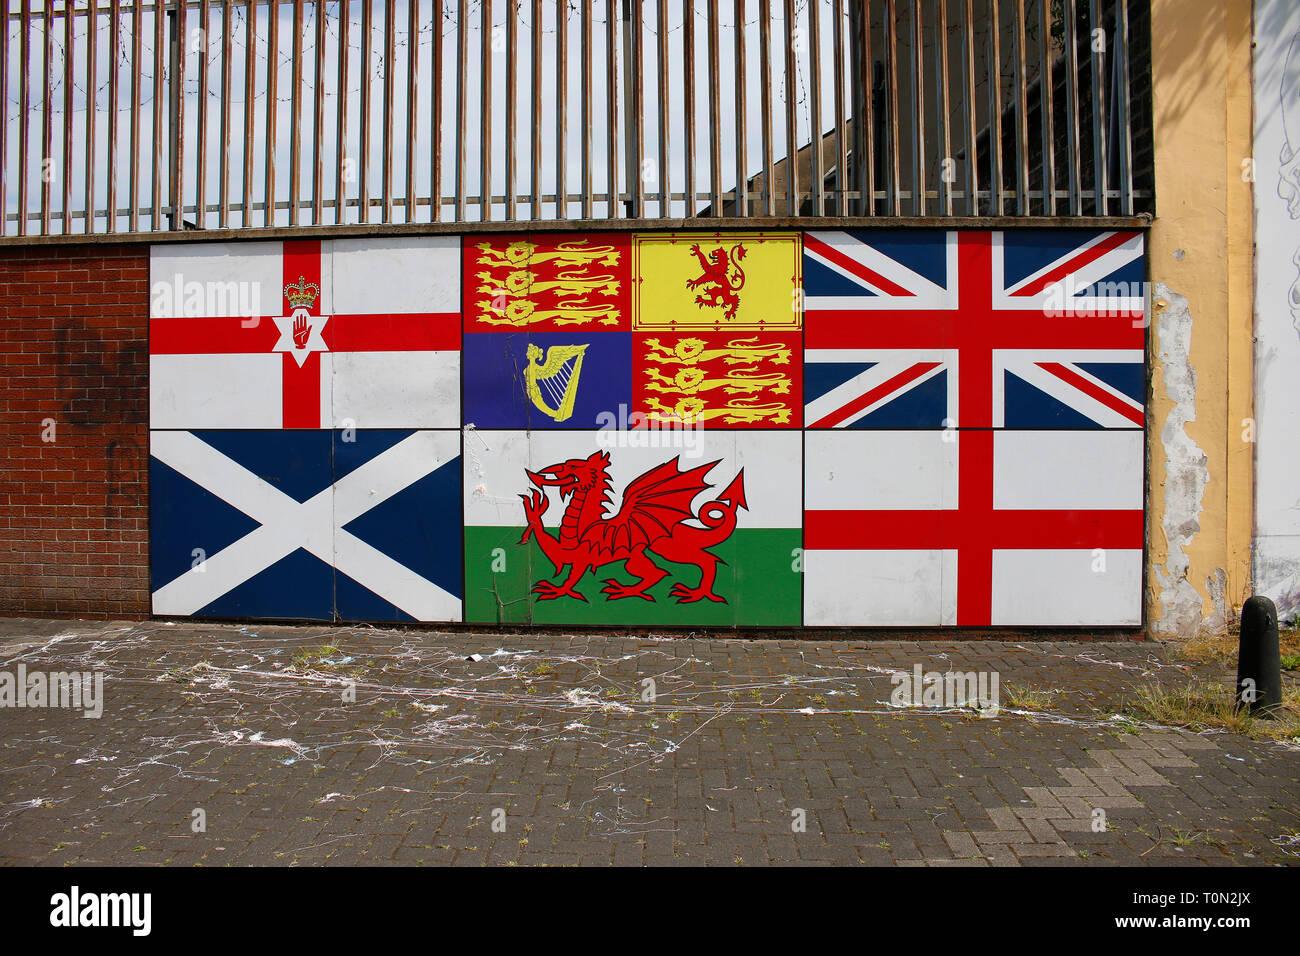 royalistische Fahnen - Wandbild/ Mural, das an den Buergerkrieg erinnert , im protestantischen Teil Belfasts, Shankill Road, Belfast, Nordirland  (nur - Stock Image